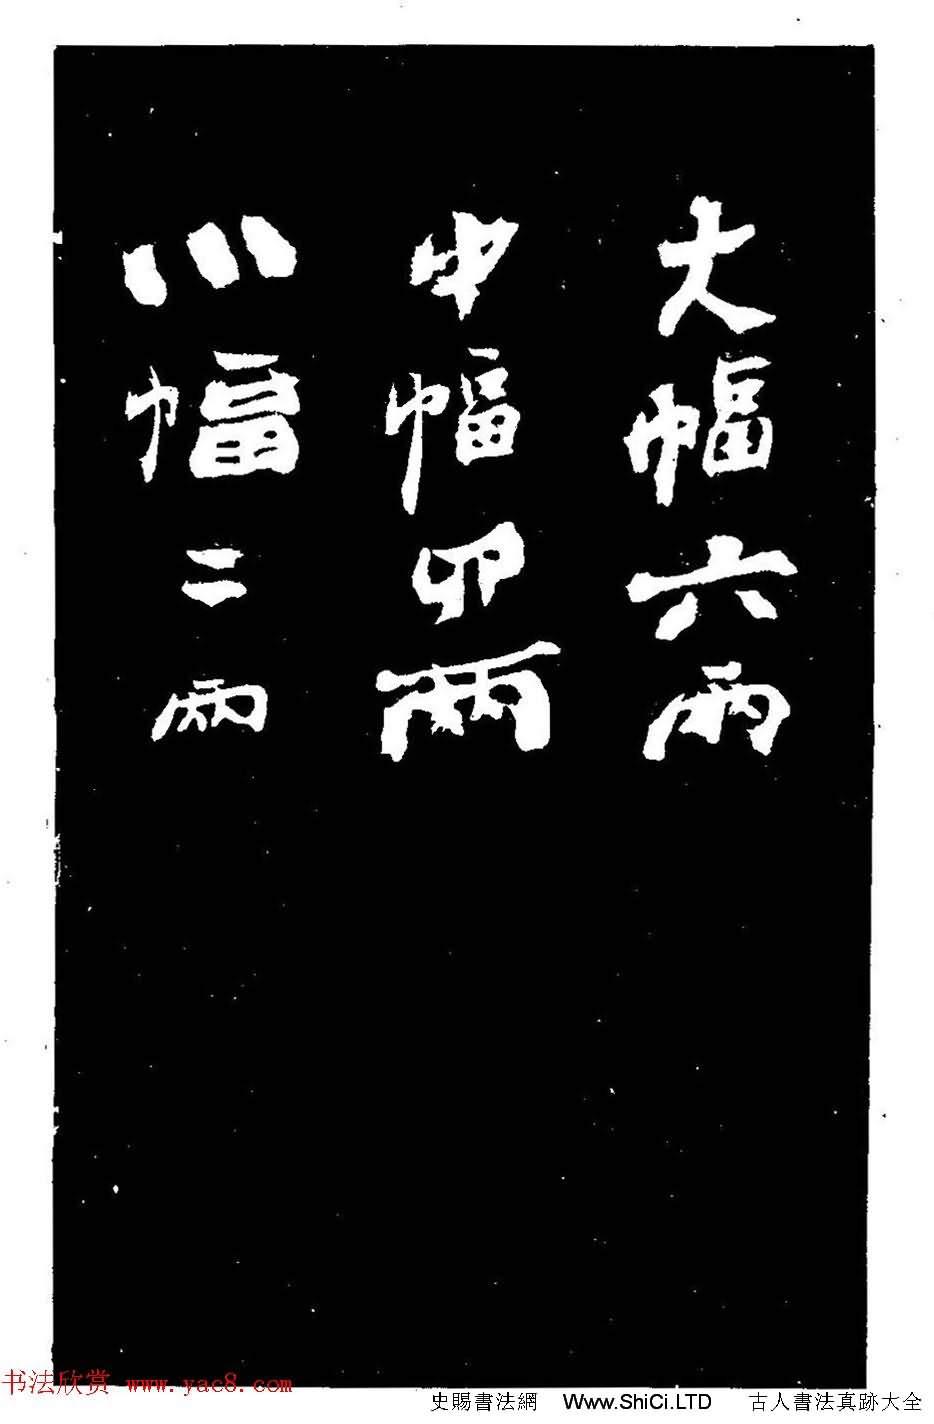 鄭燮書法刻本字帖《鄭板橋書潤格》(共8張圖片)